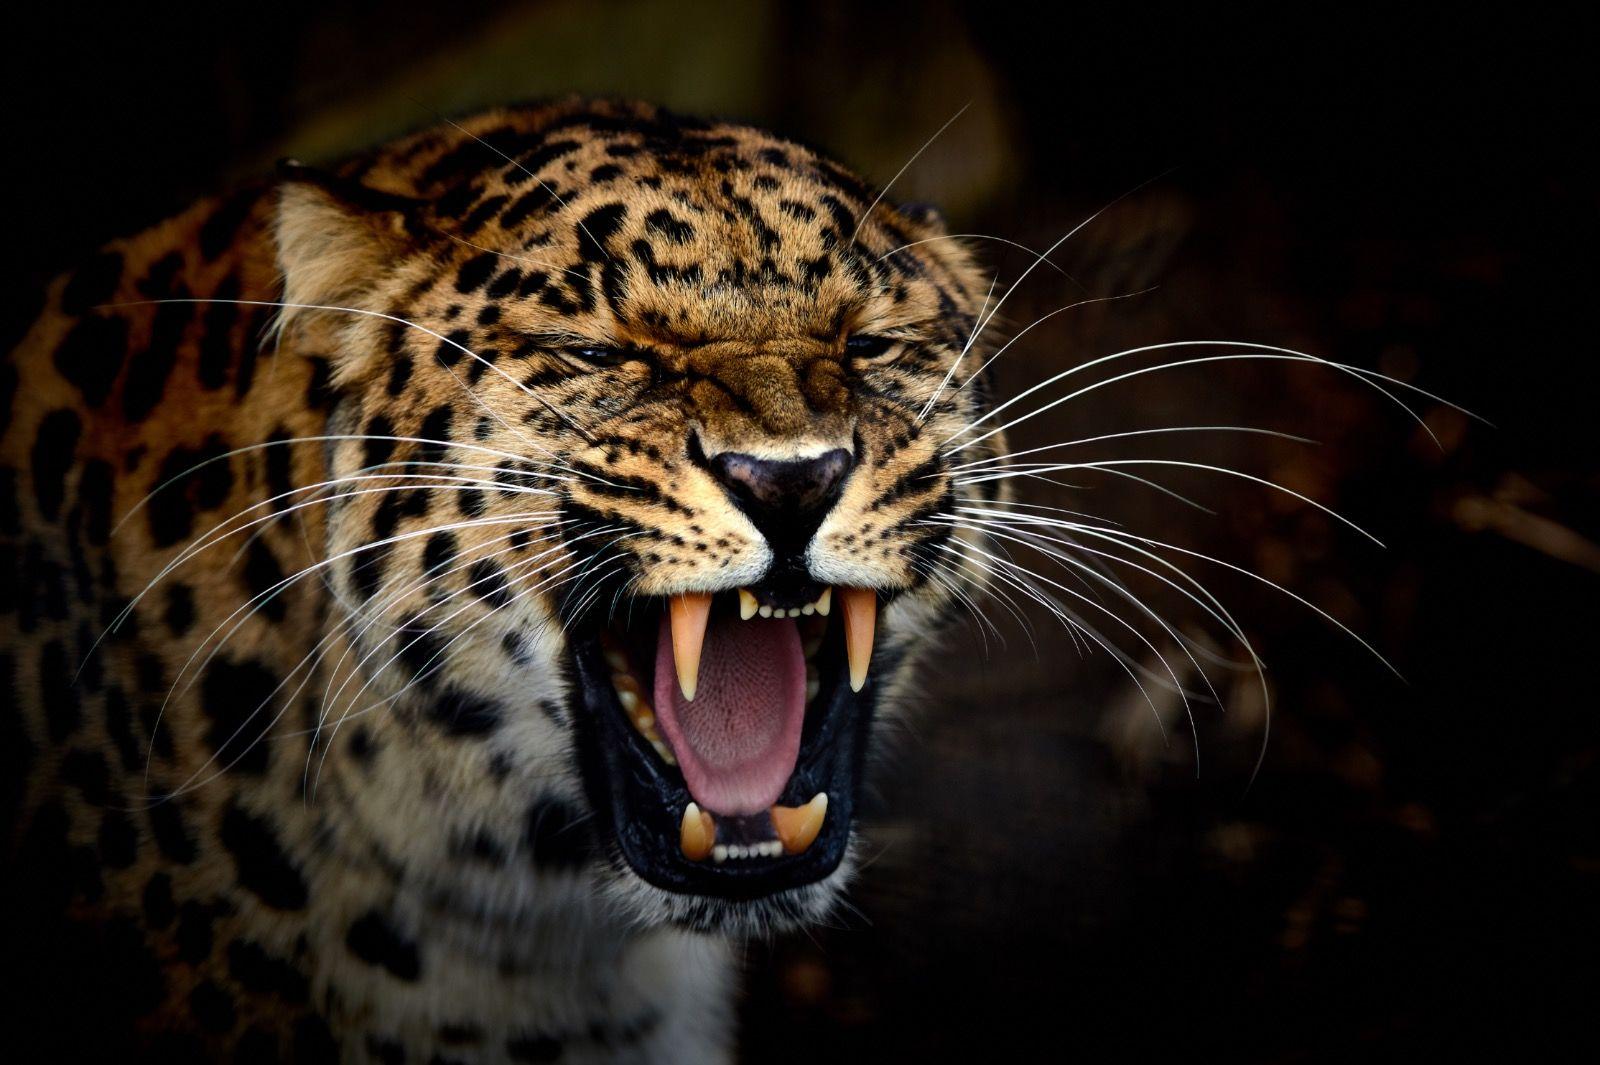 Jaguar Showing Teeth